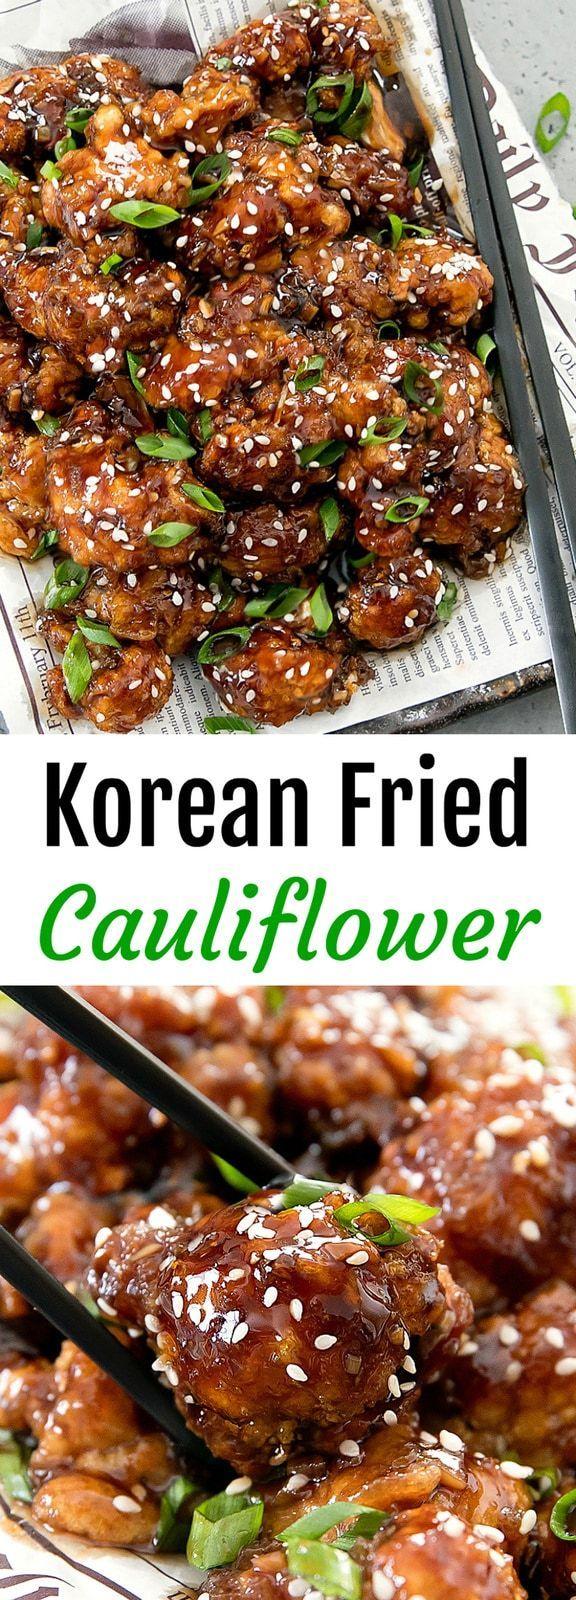 Photo of Korean Fried Cauliflower